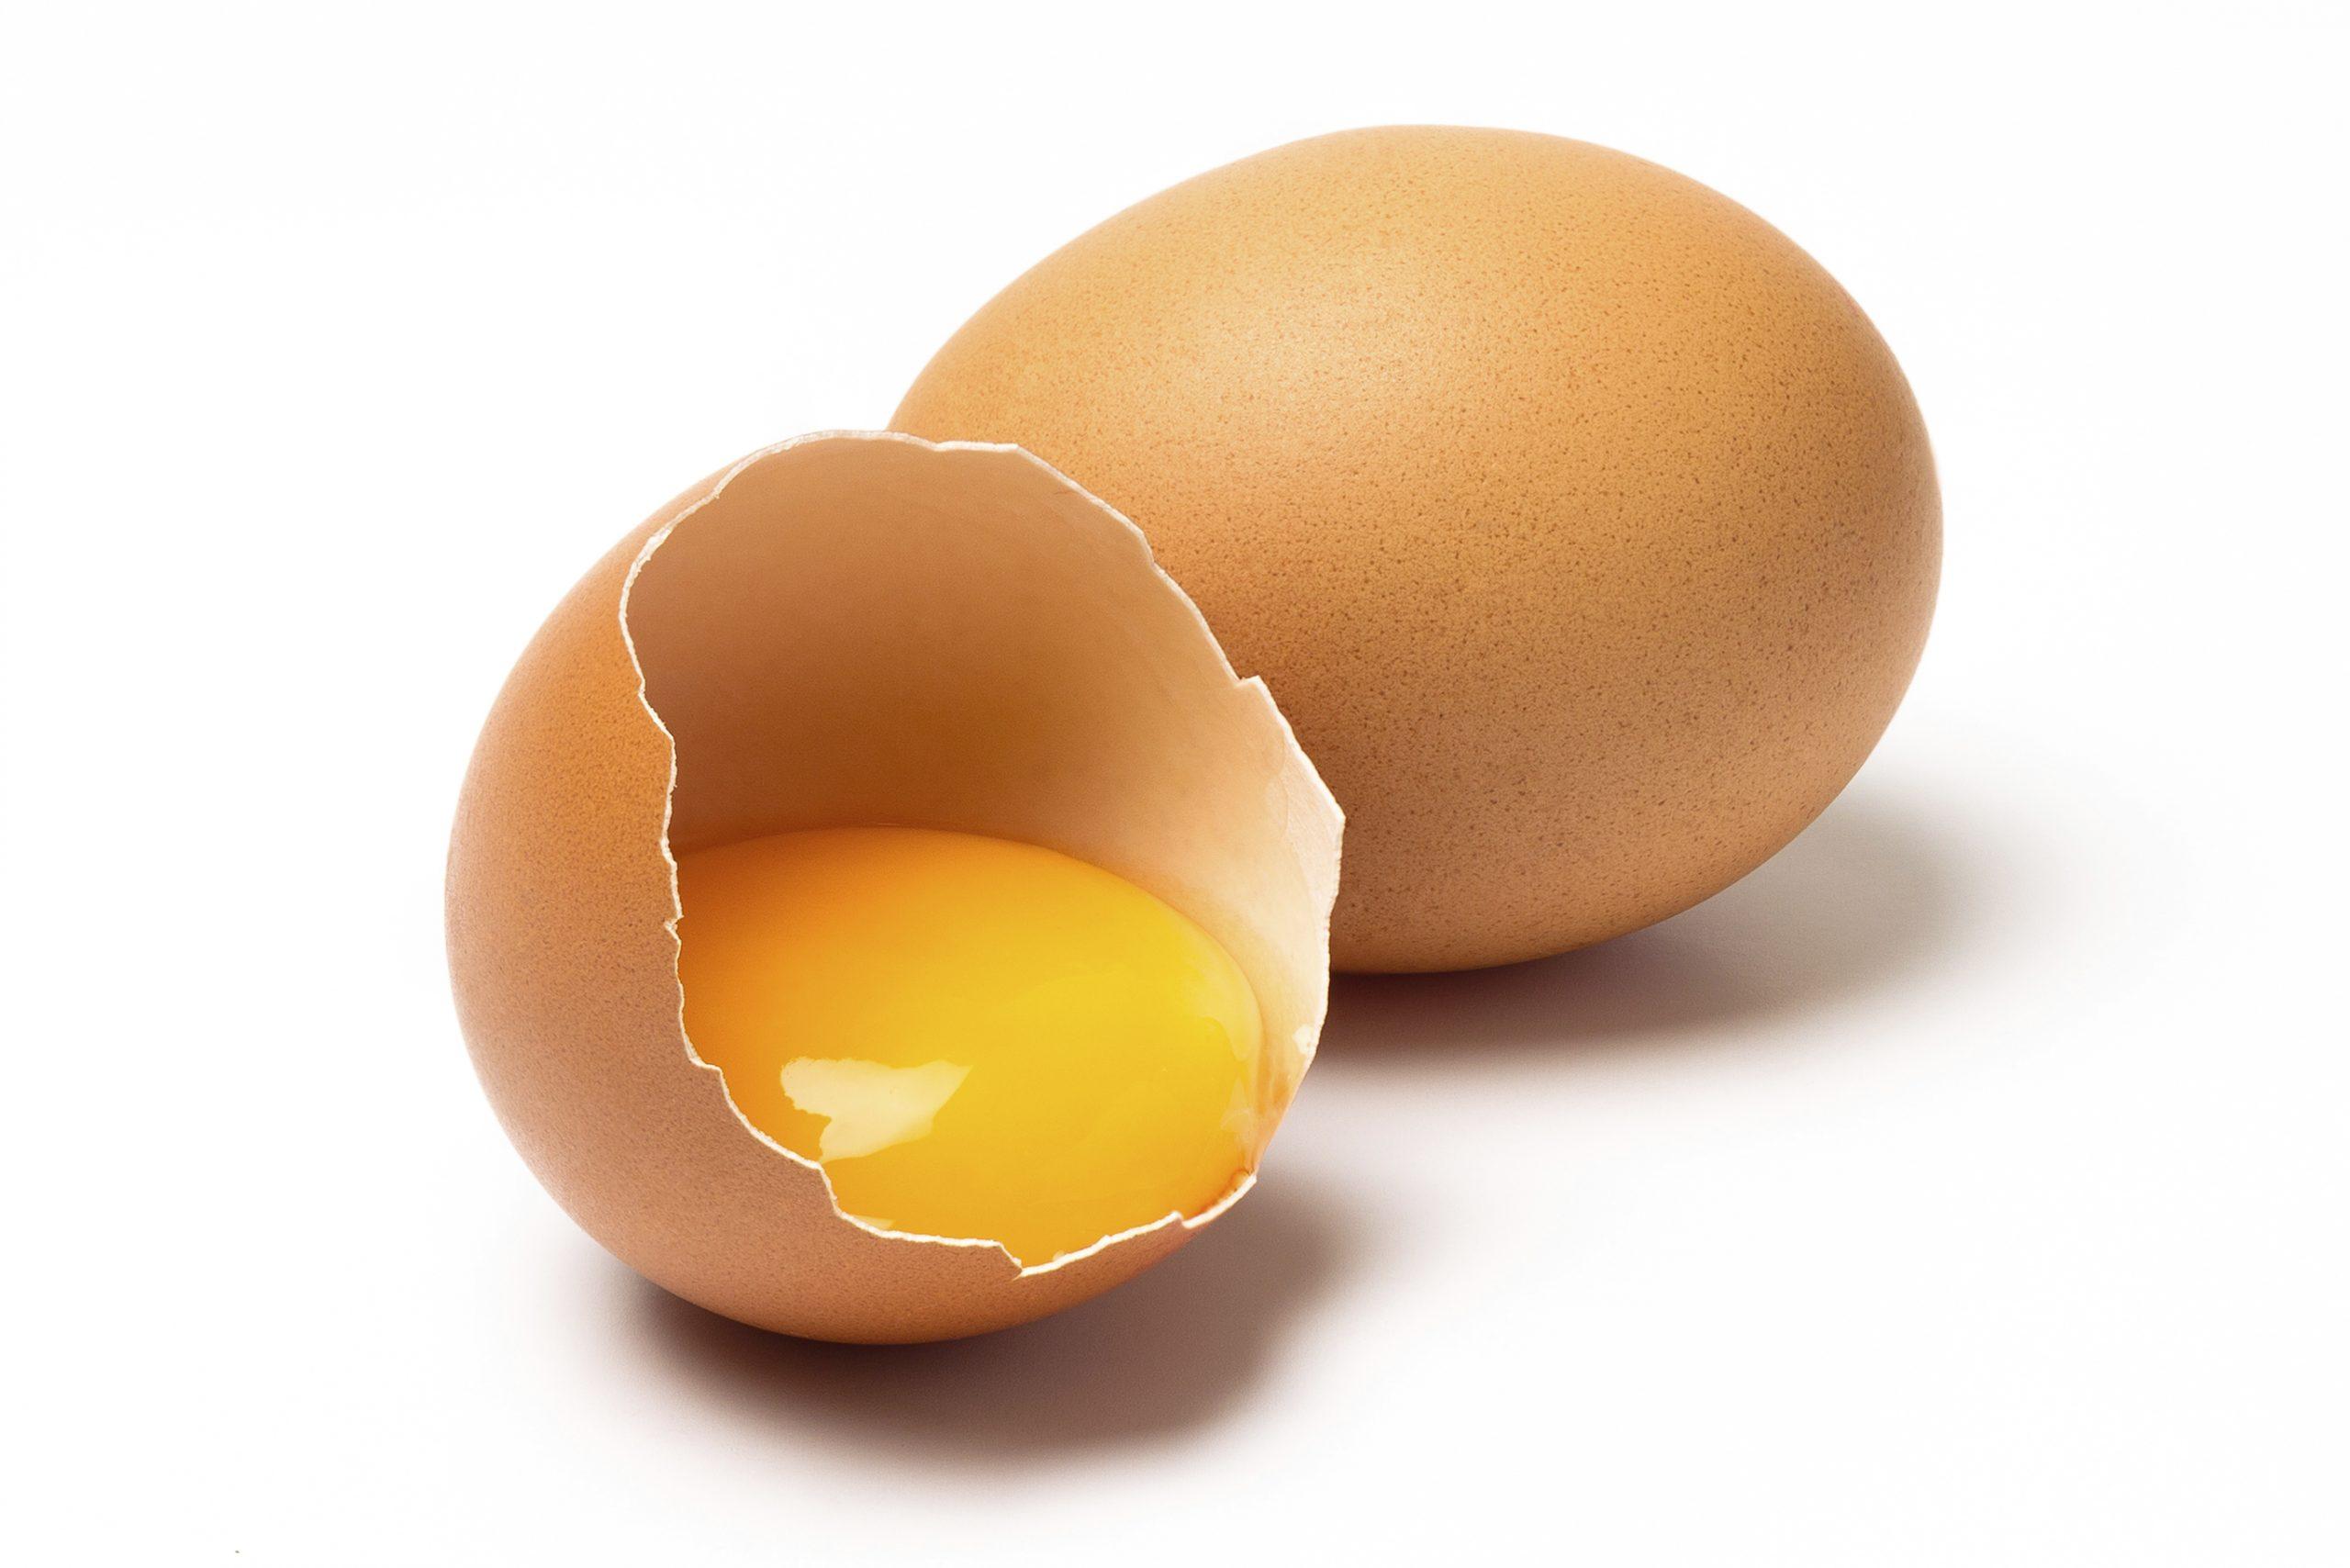 بهبود سریع زخم با تخم مرغ